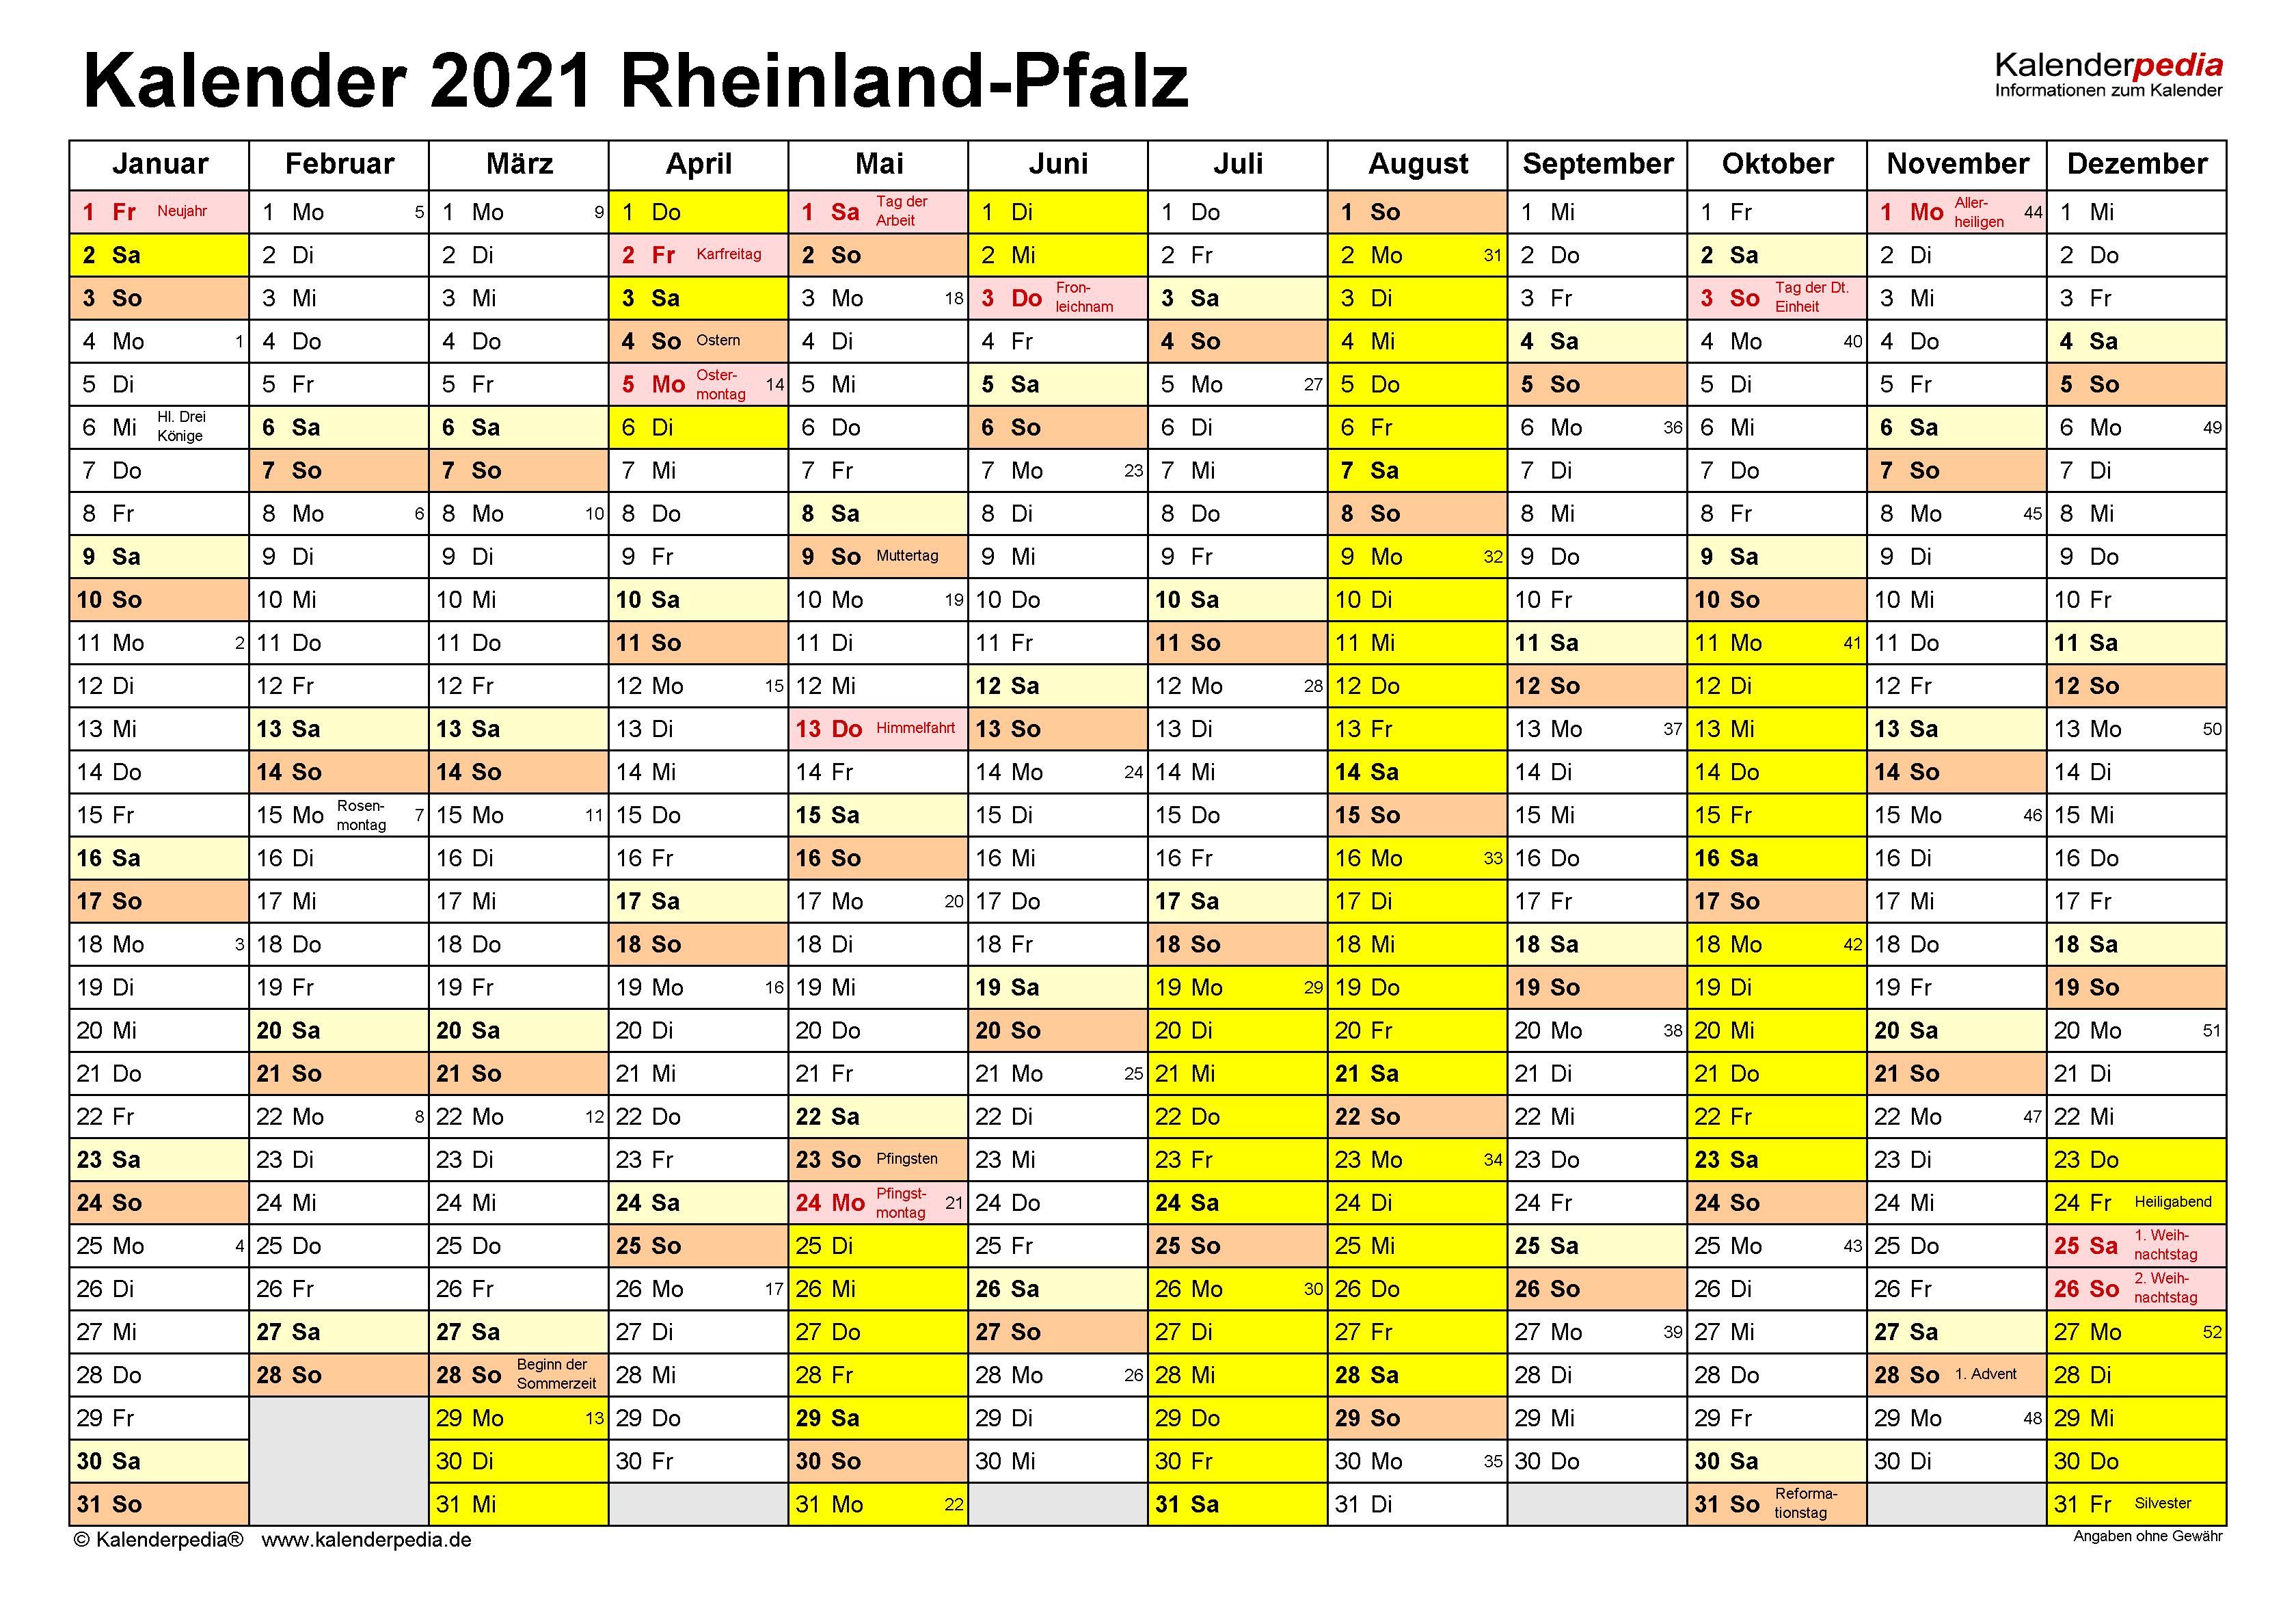 Feiertage 2021 Rlp